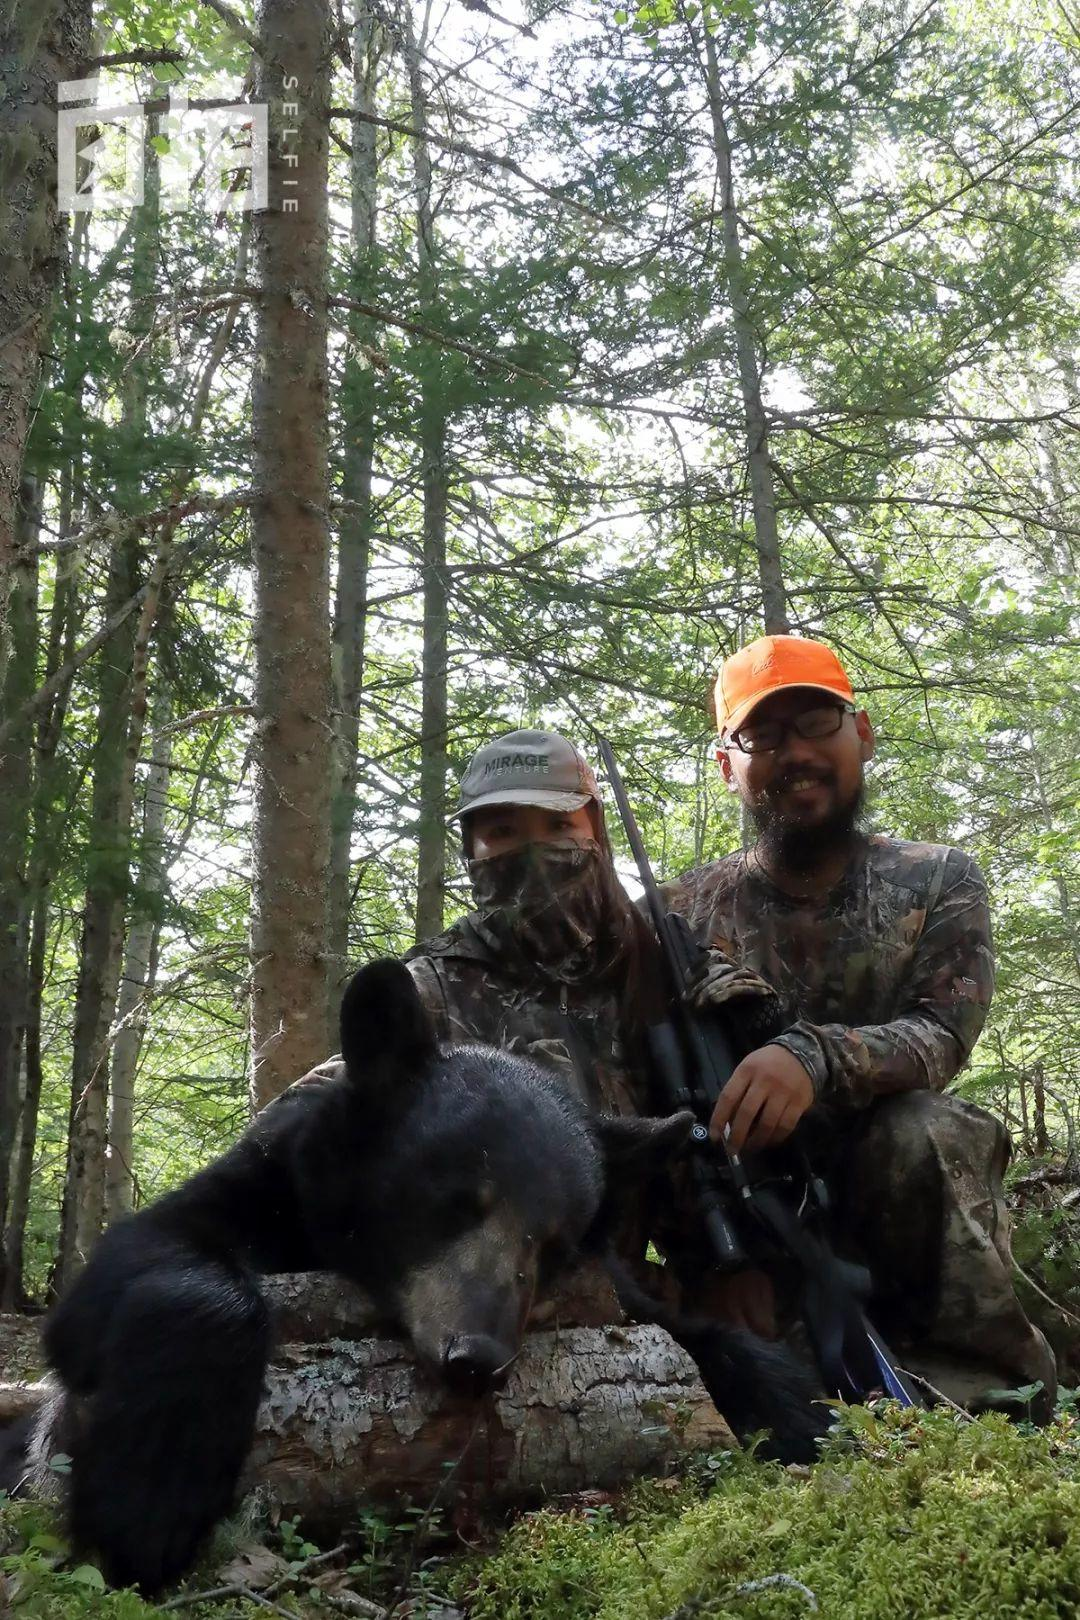 移民加拿大后,我去偏僻省当了职业猎人,每年得杀50头熊-私会鲁斌